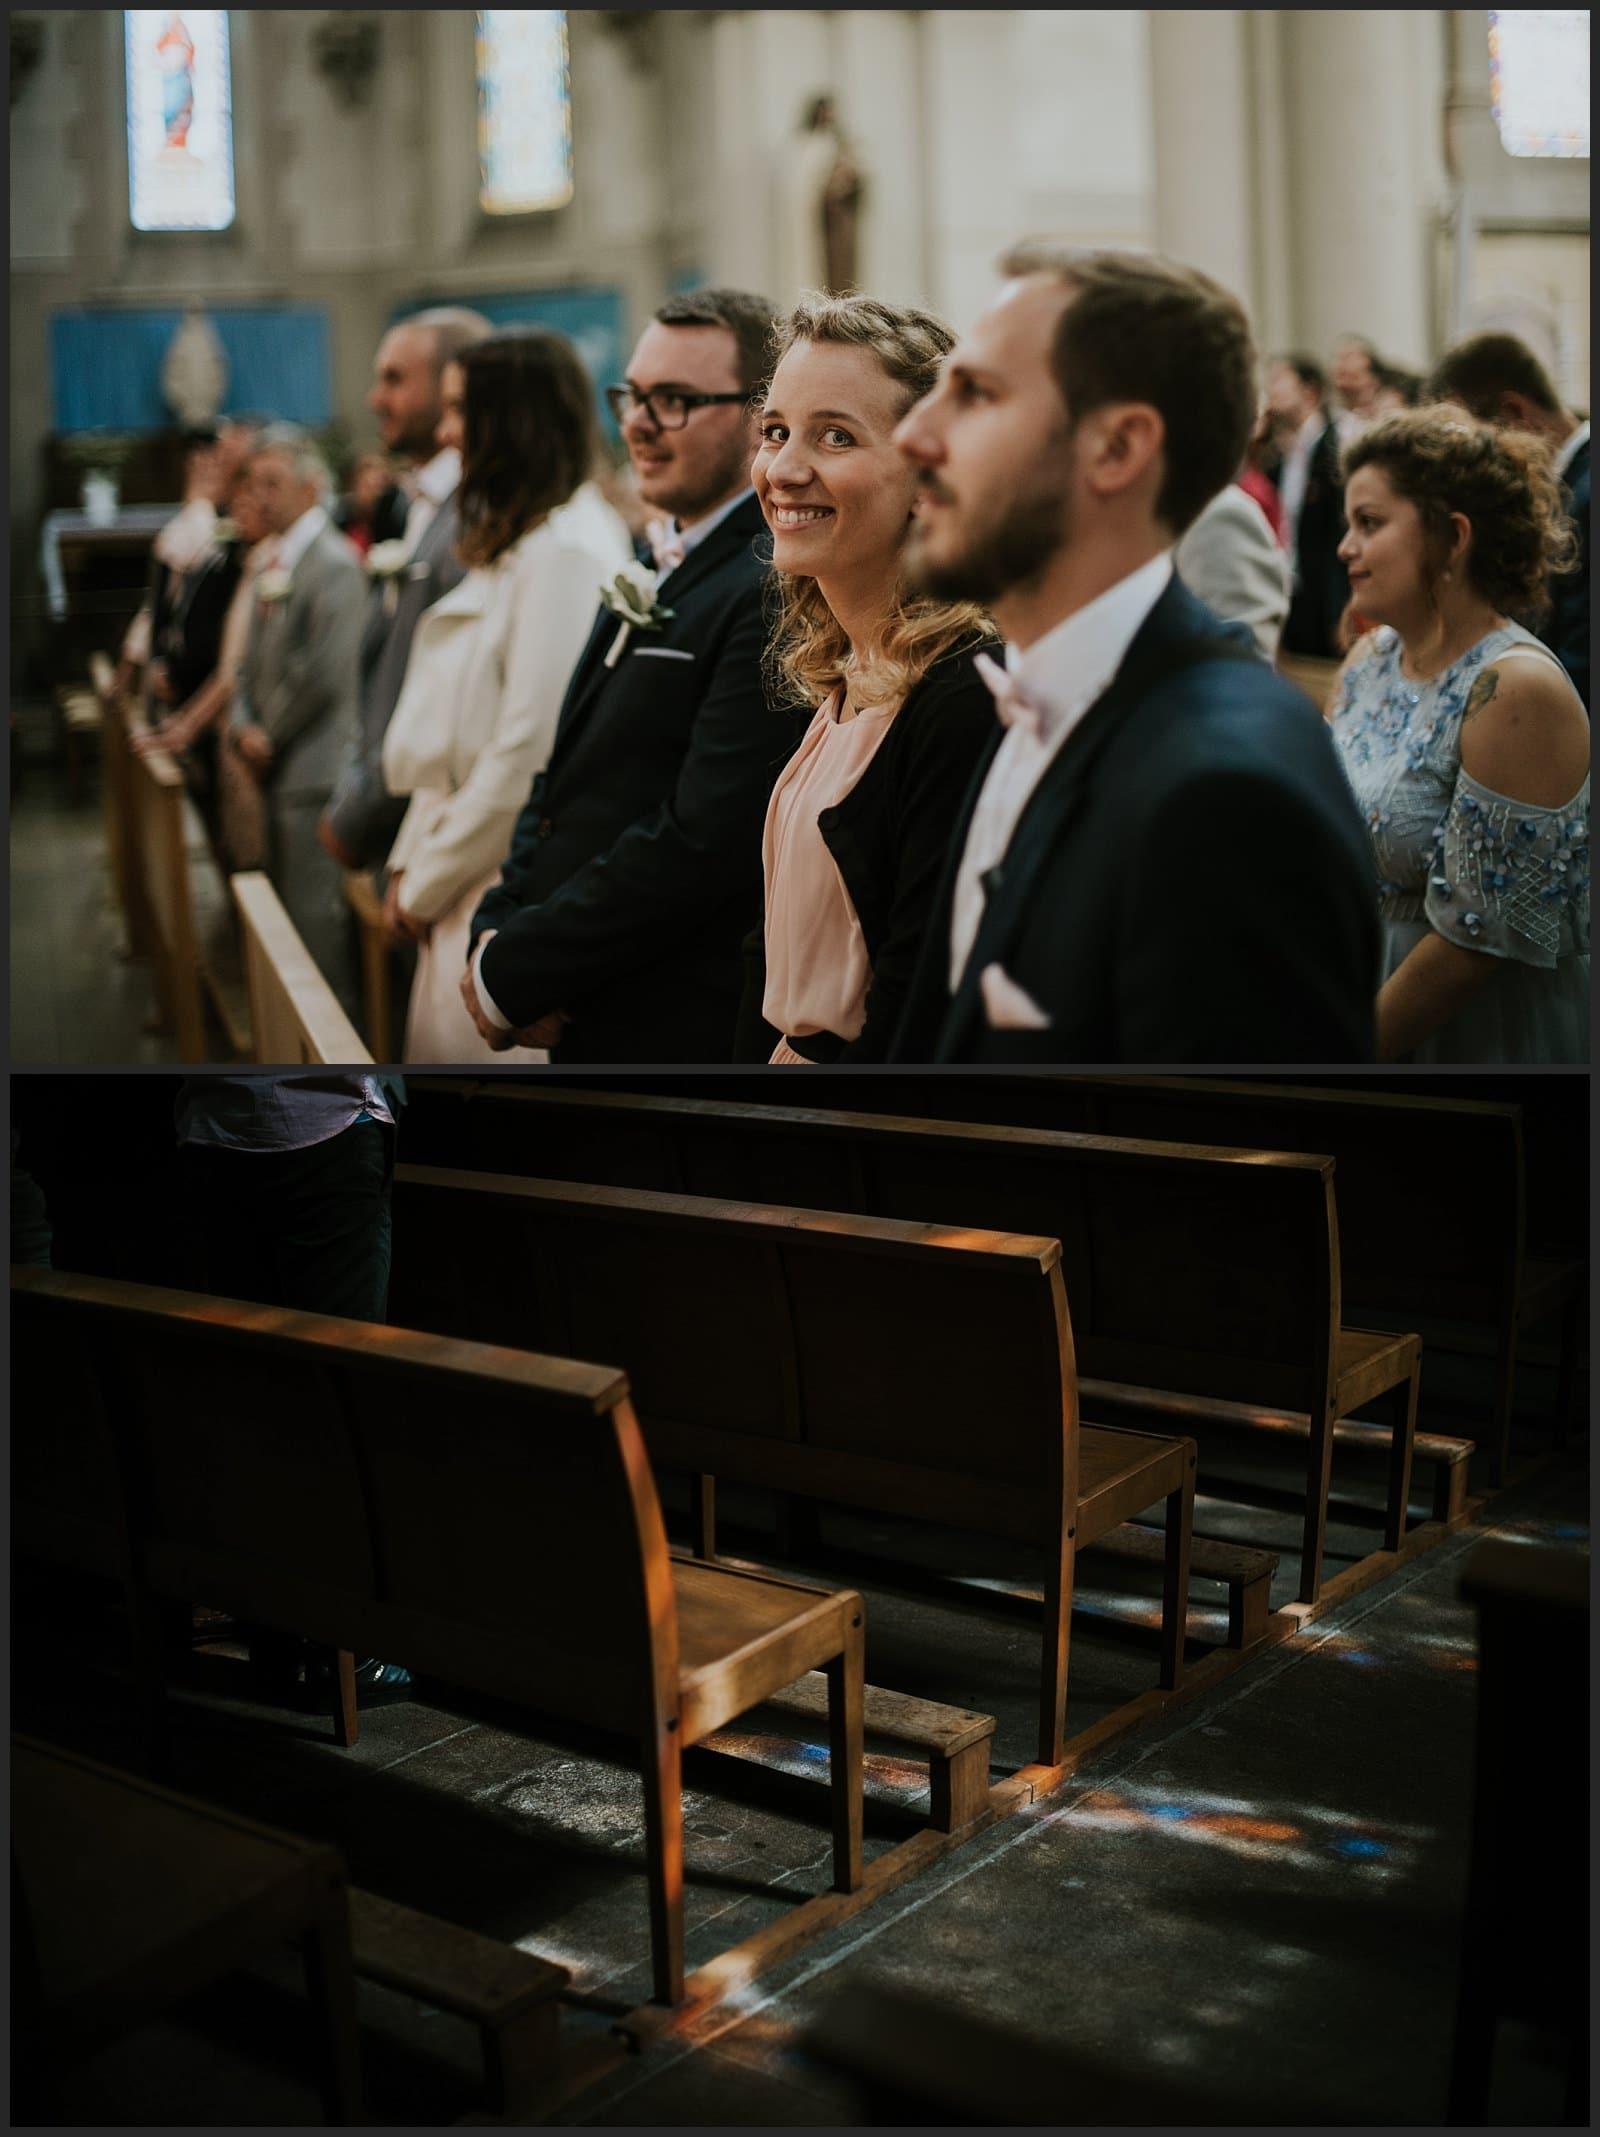 invitée qui sourit à l'église et lumière qui passe à travers les vitraux